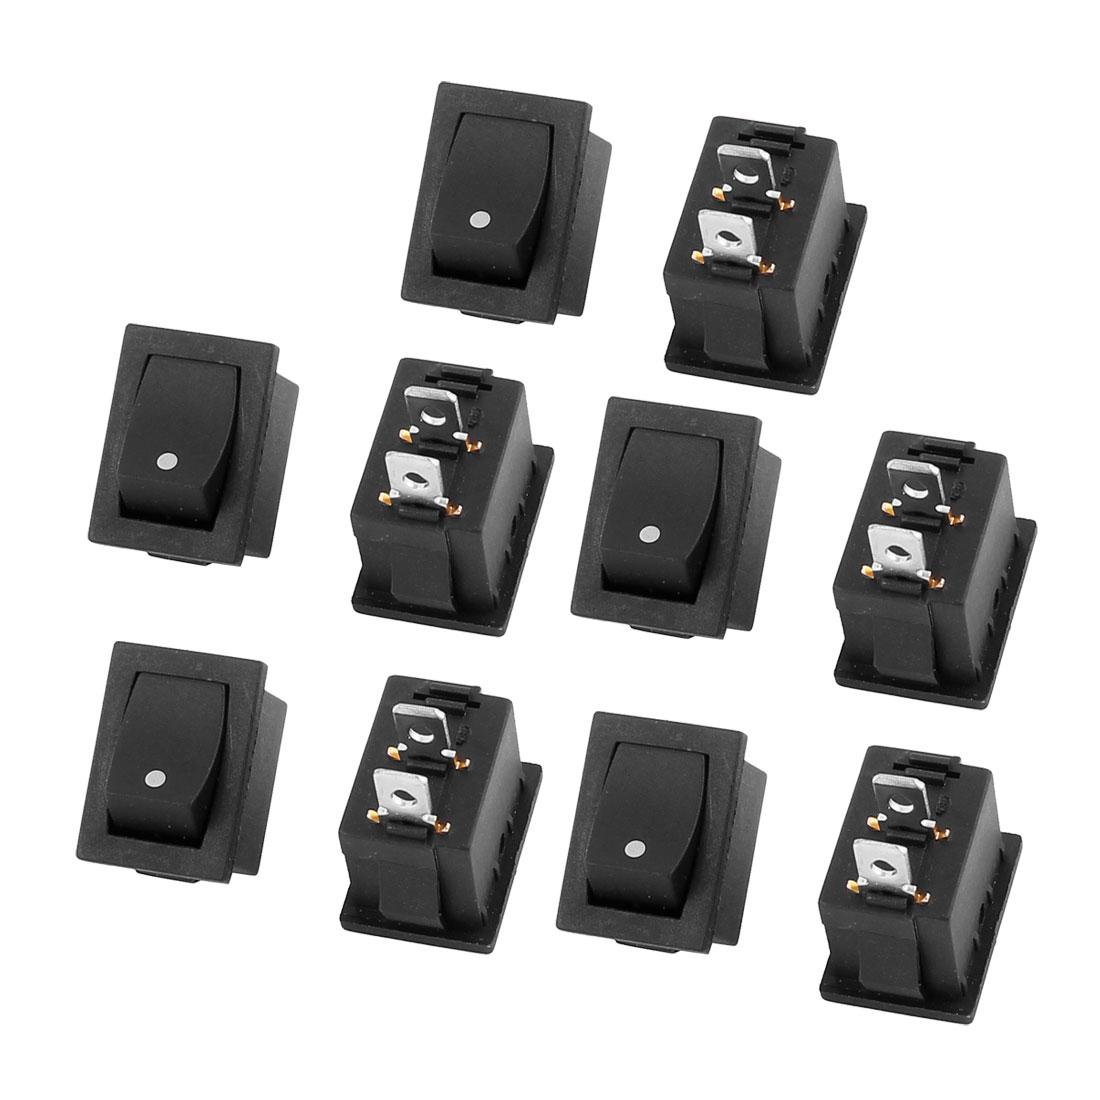 10 Pcs AC250V 6A 125V 10A 2 Terminal ON-OFF SPST Rocker Switch Black